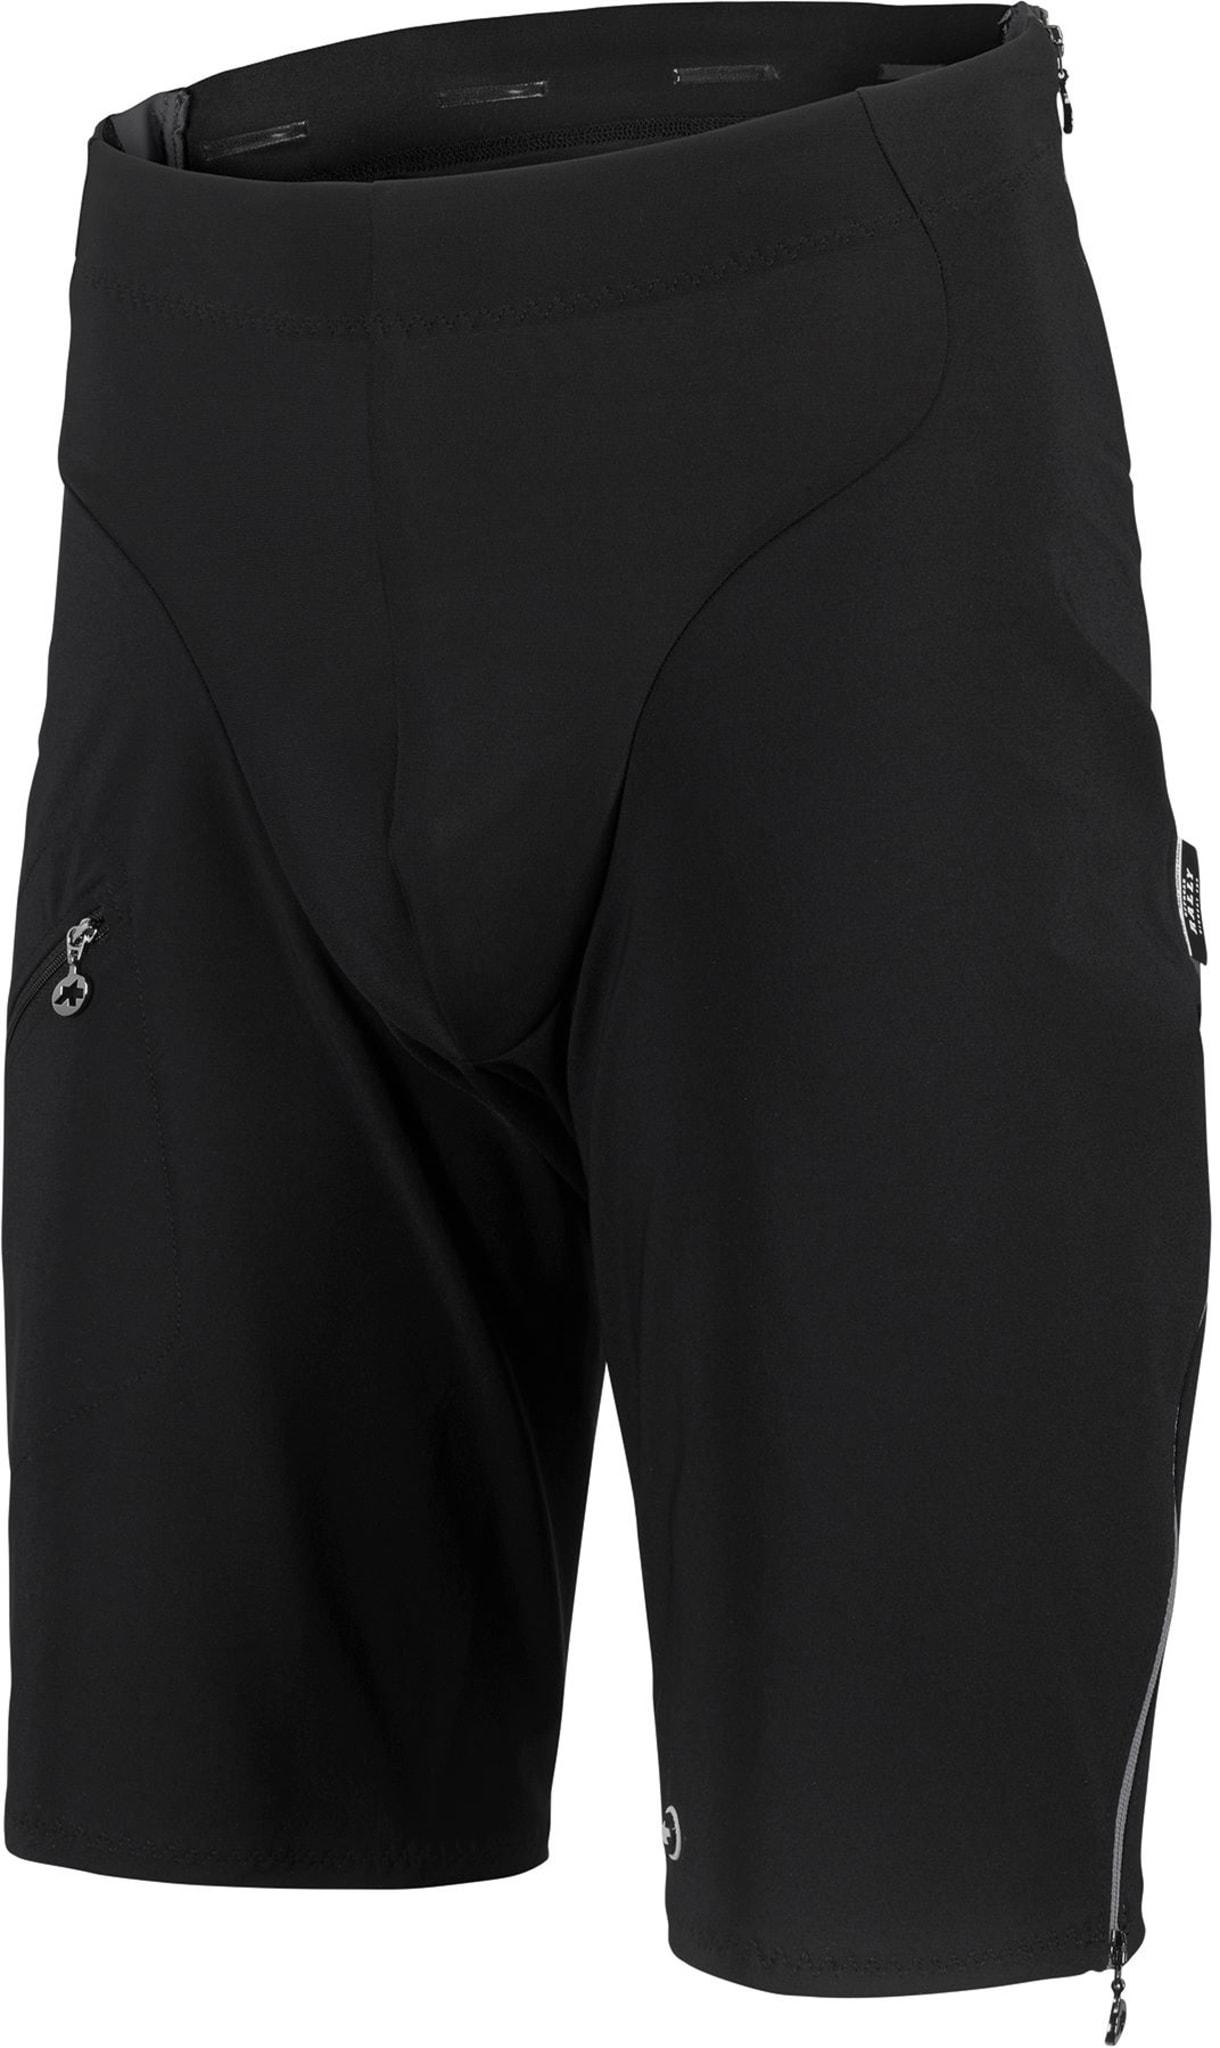 Kul og komfortabel teknisk shorts fra Assos til terrengsyklistene